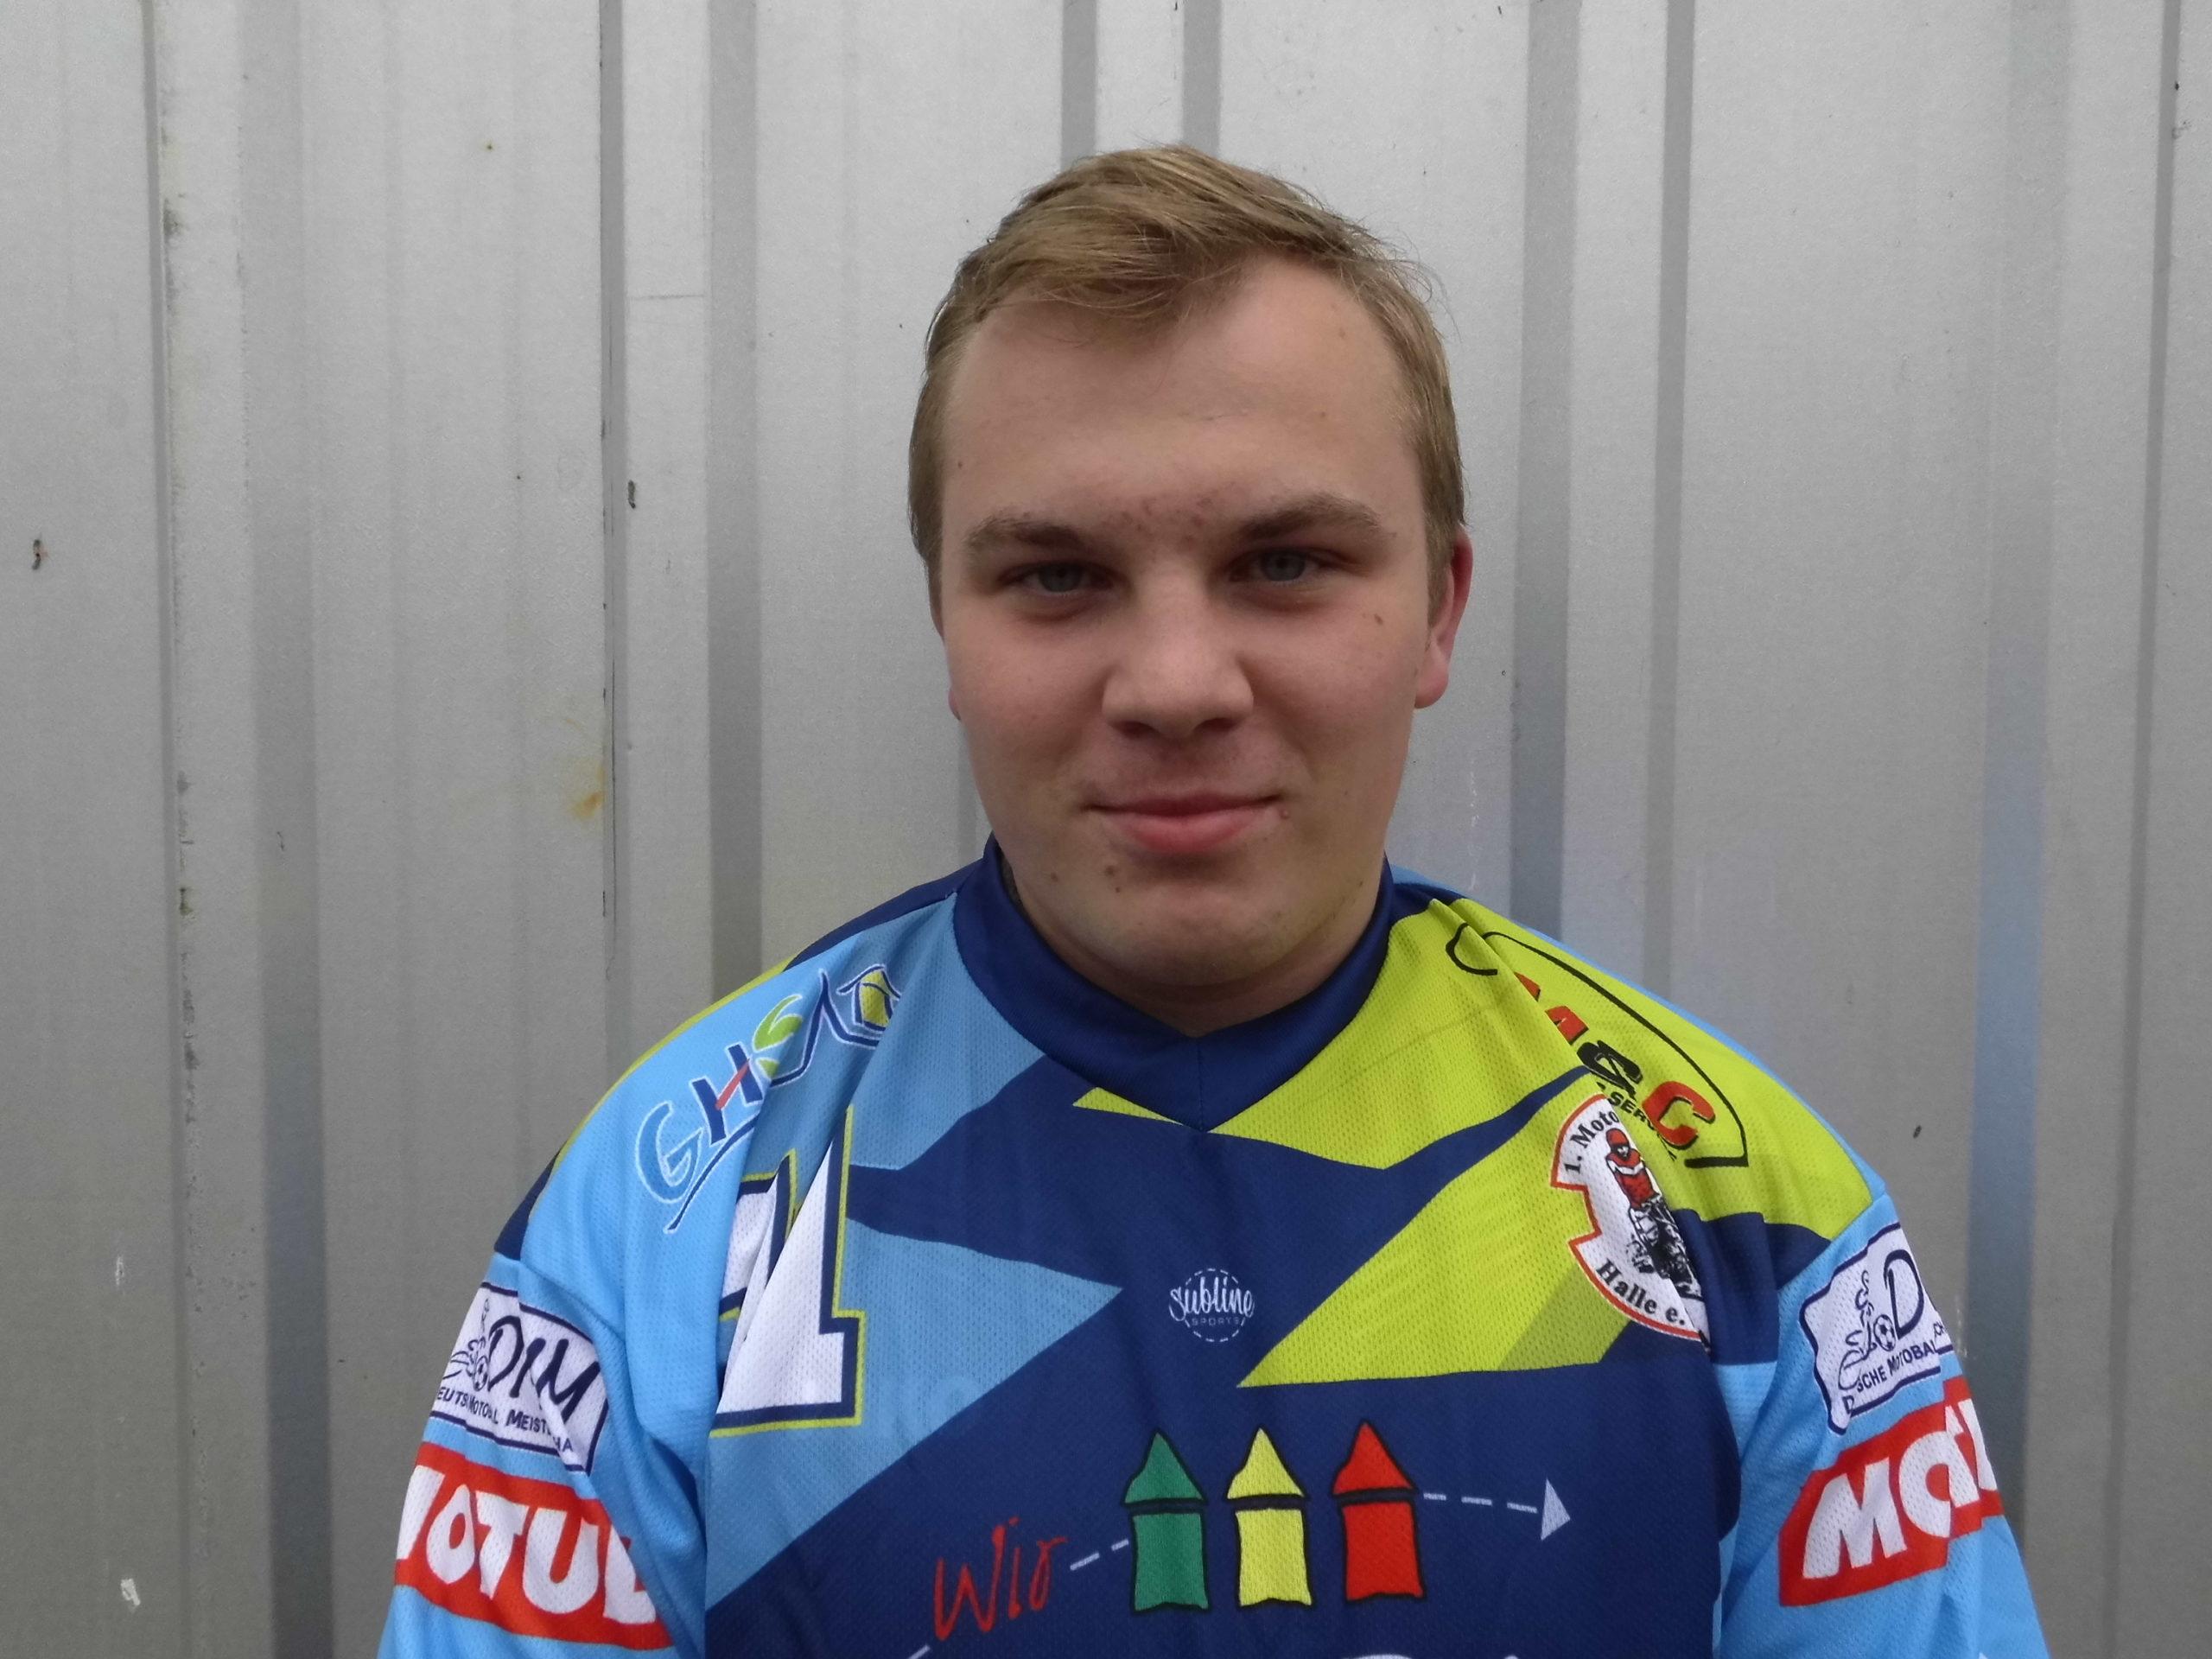 Nico Kurth